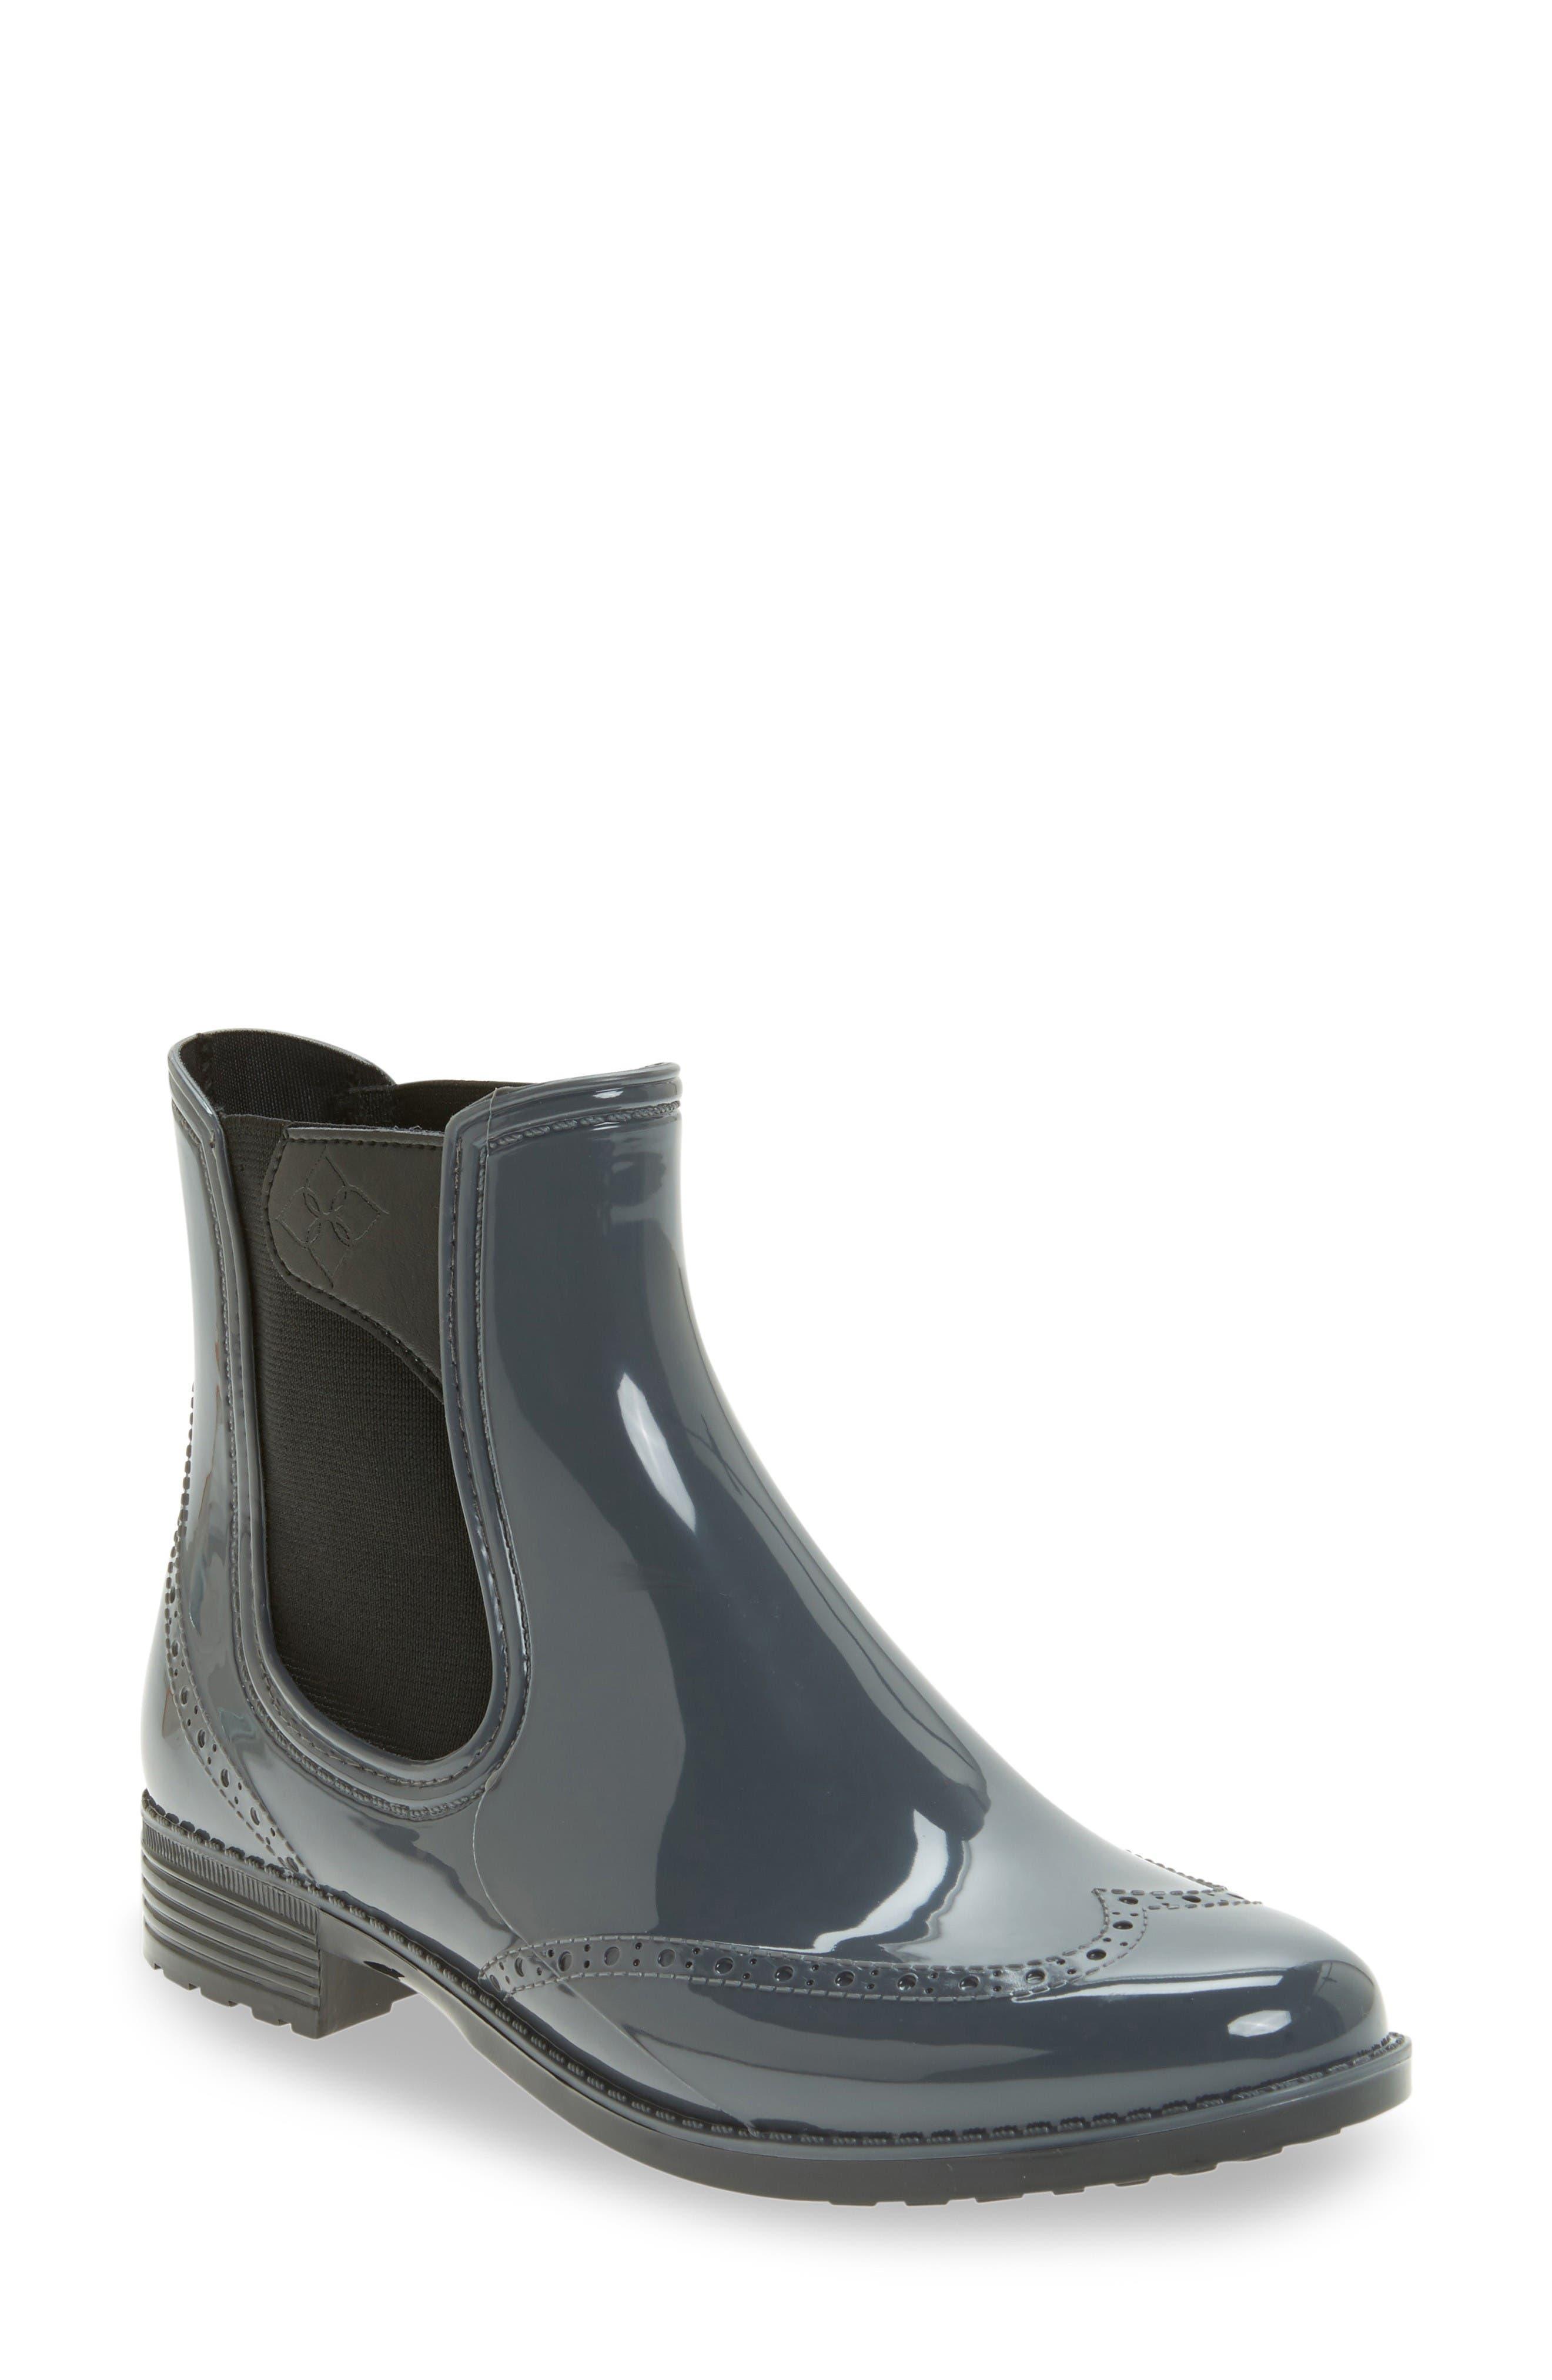 Main Image - däv Vienna Chelsea Rain Boot (Women)